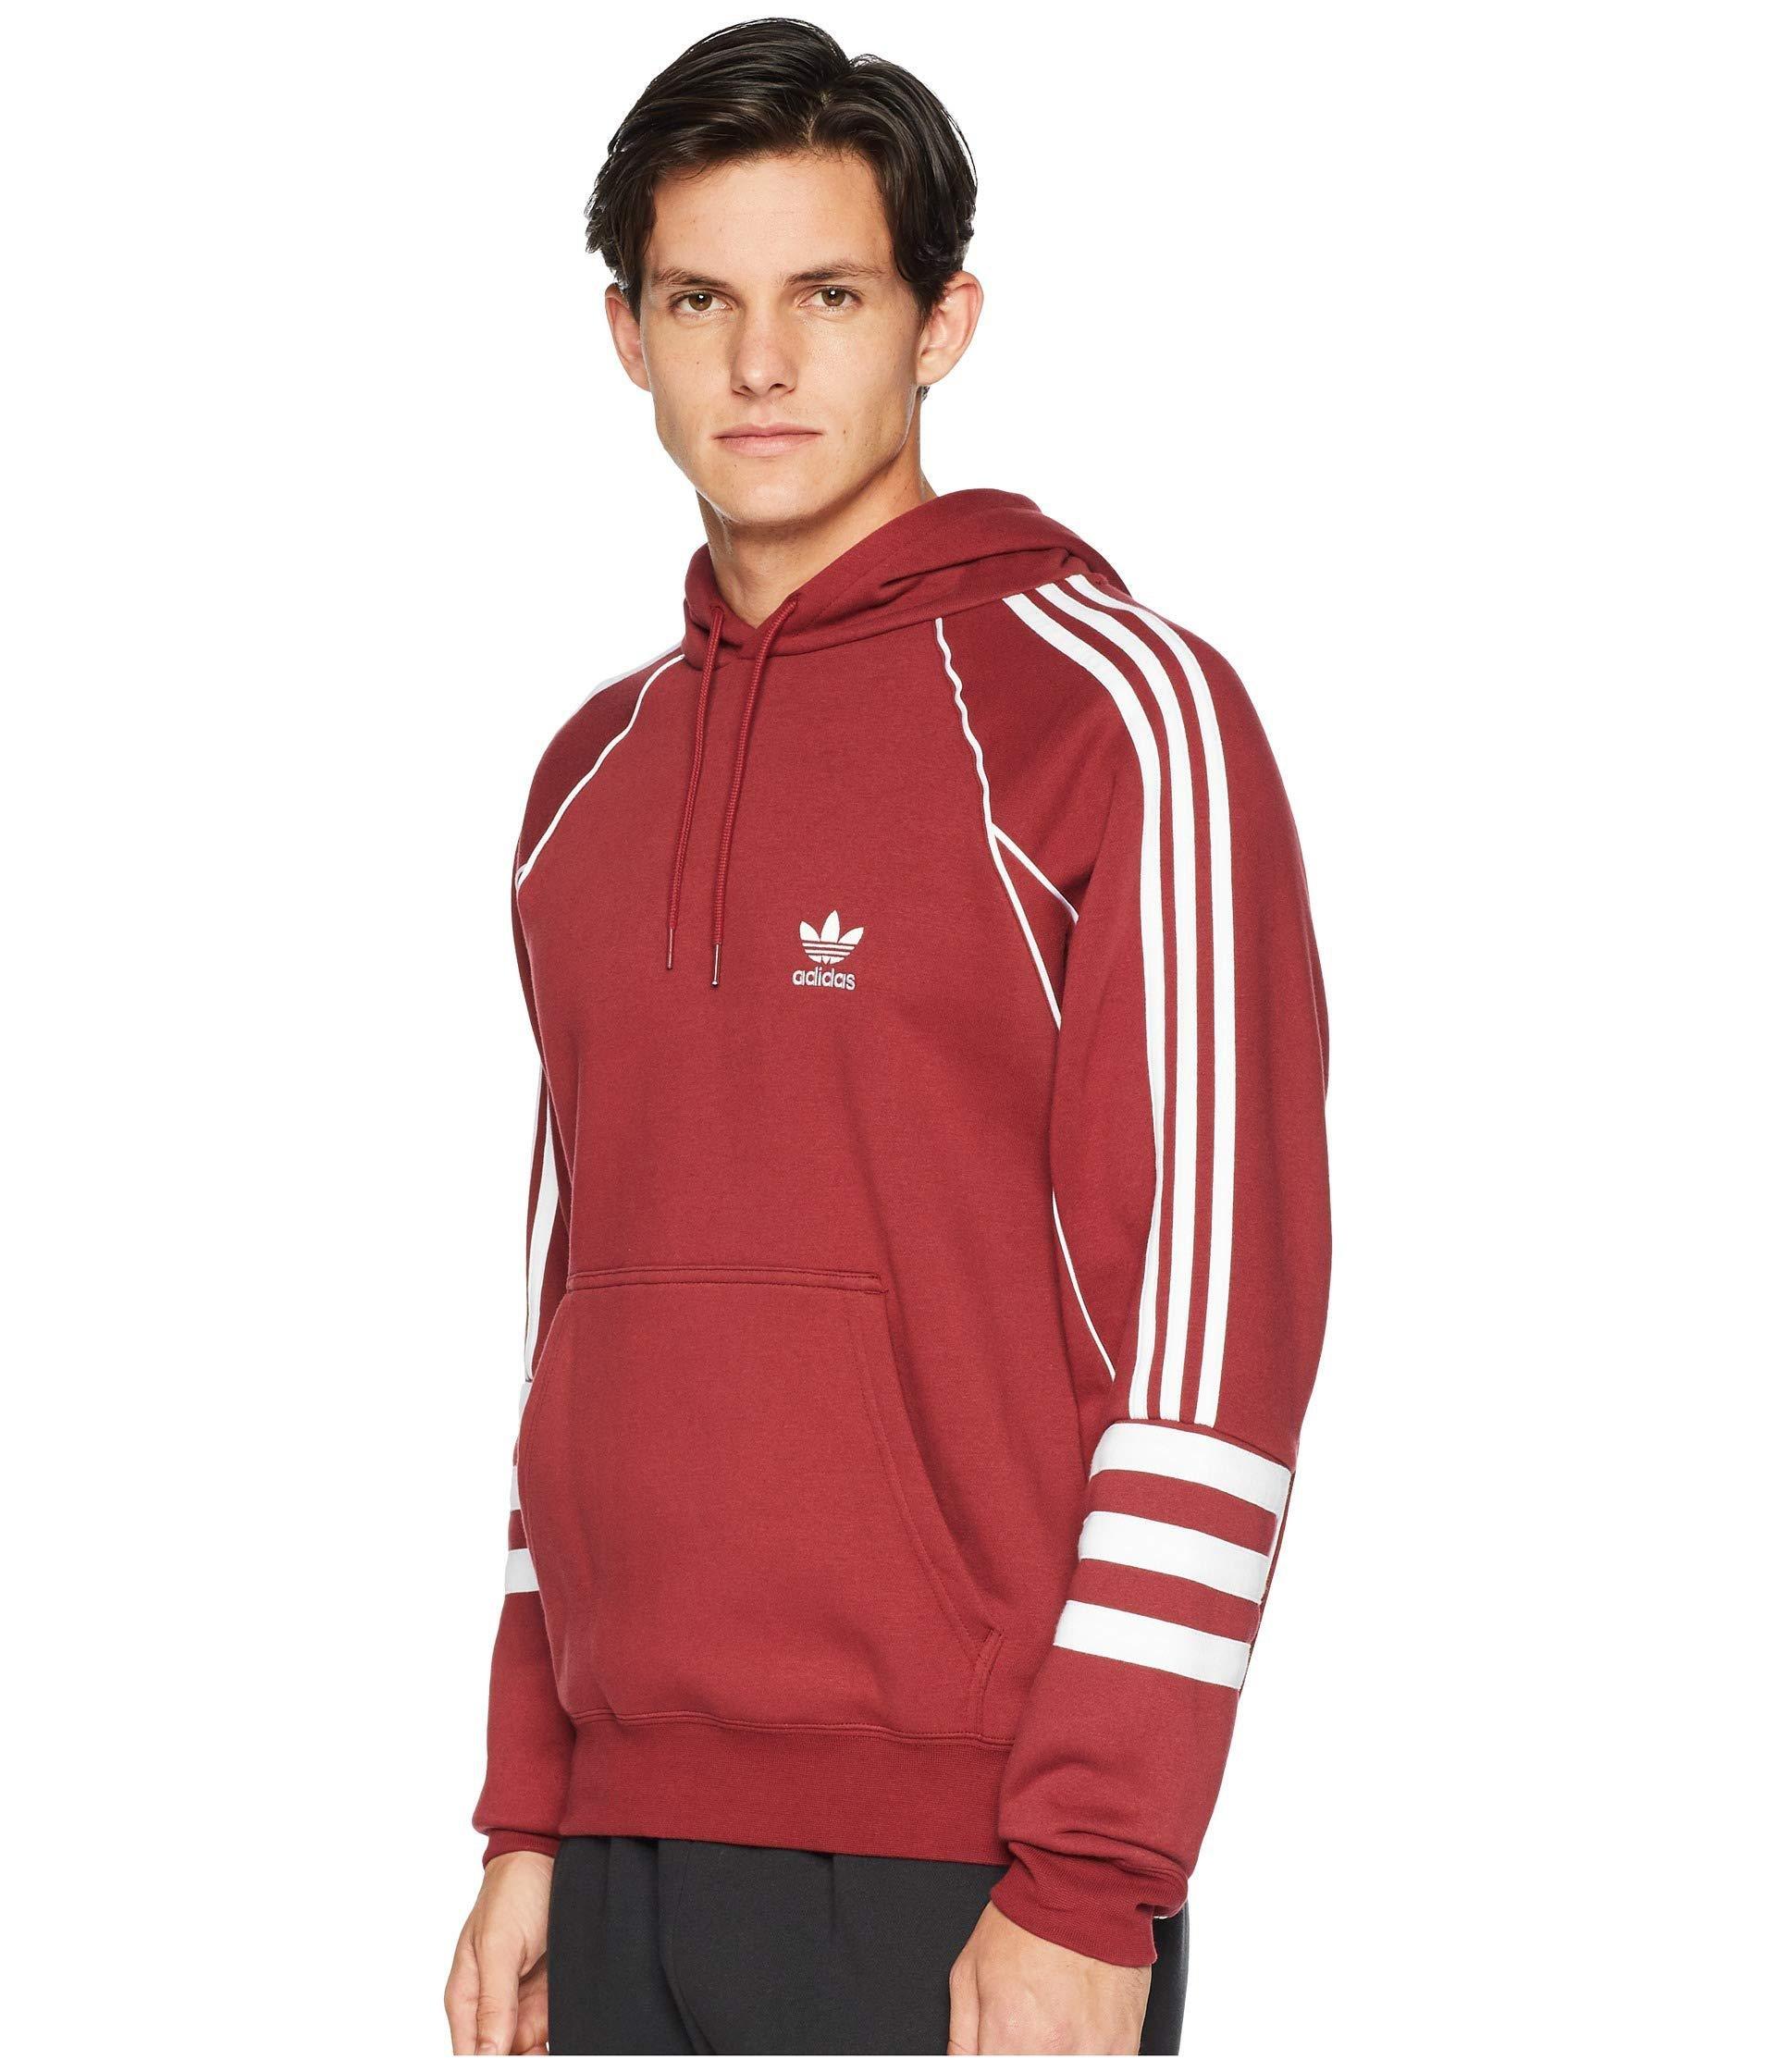 adidas Originals Men's Authentics Hoodie, Noble Maroon, S at